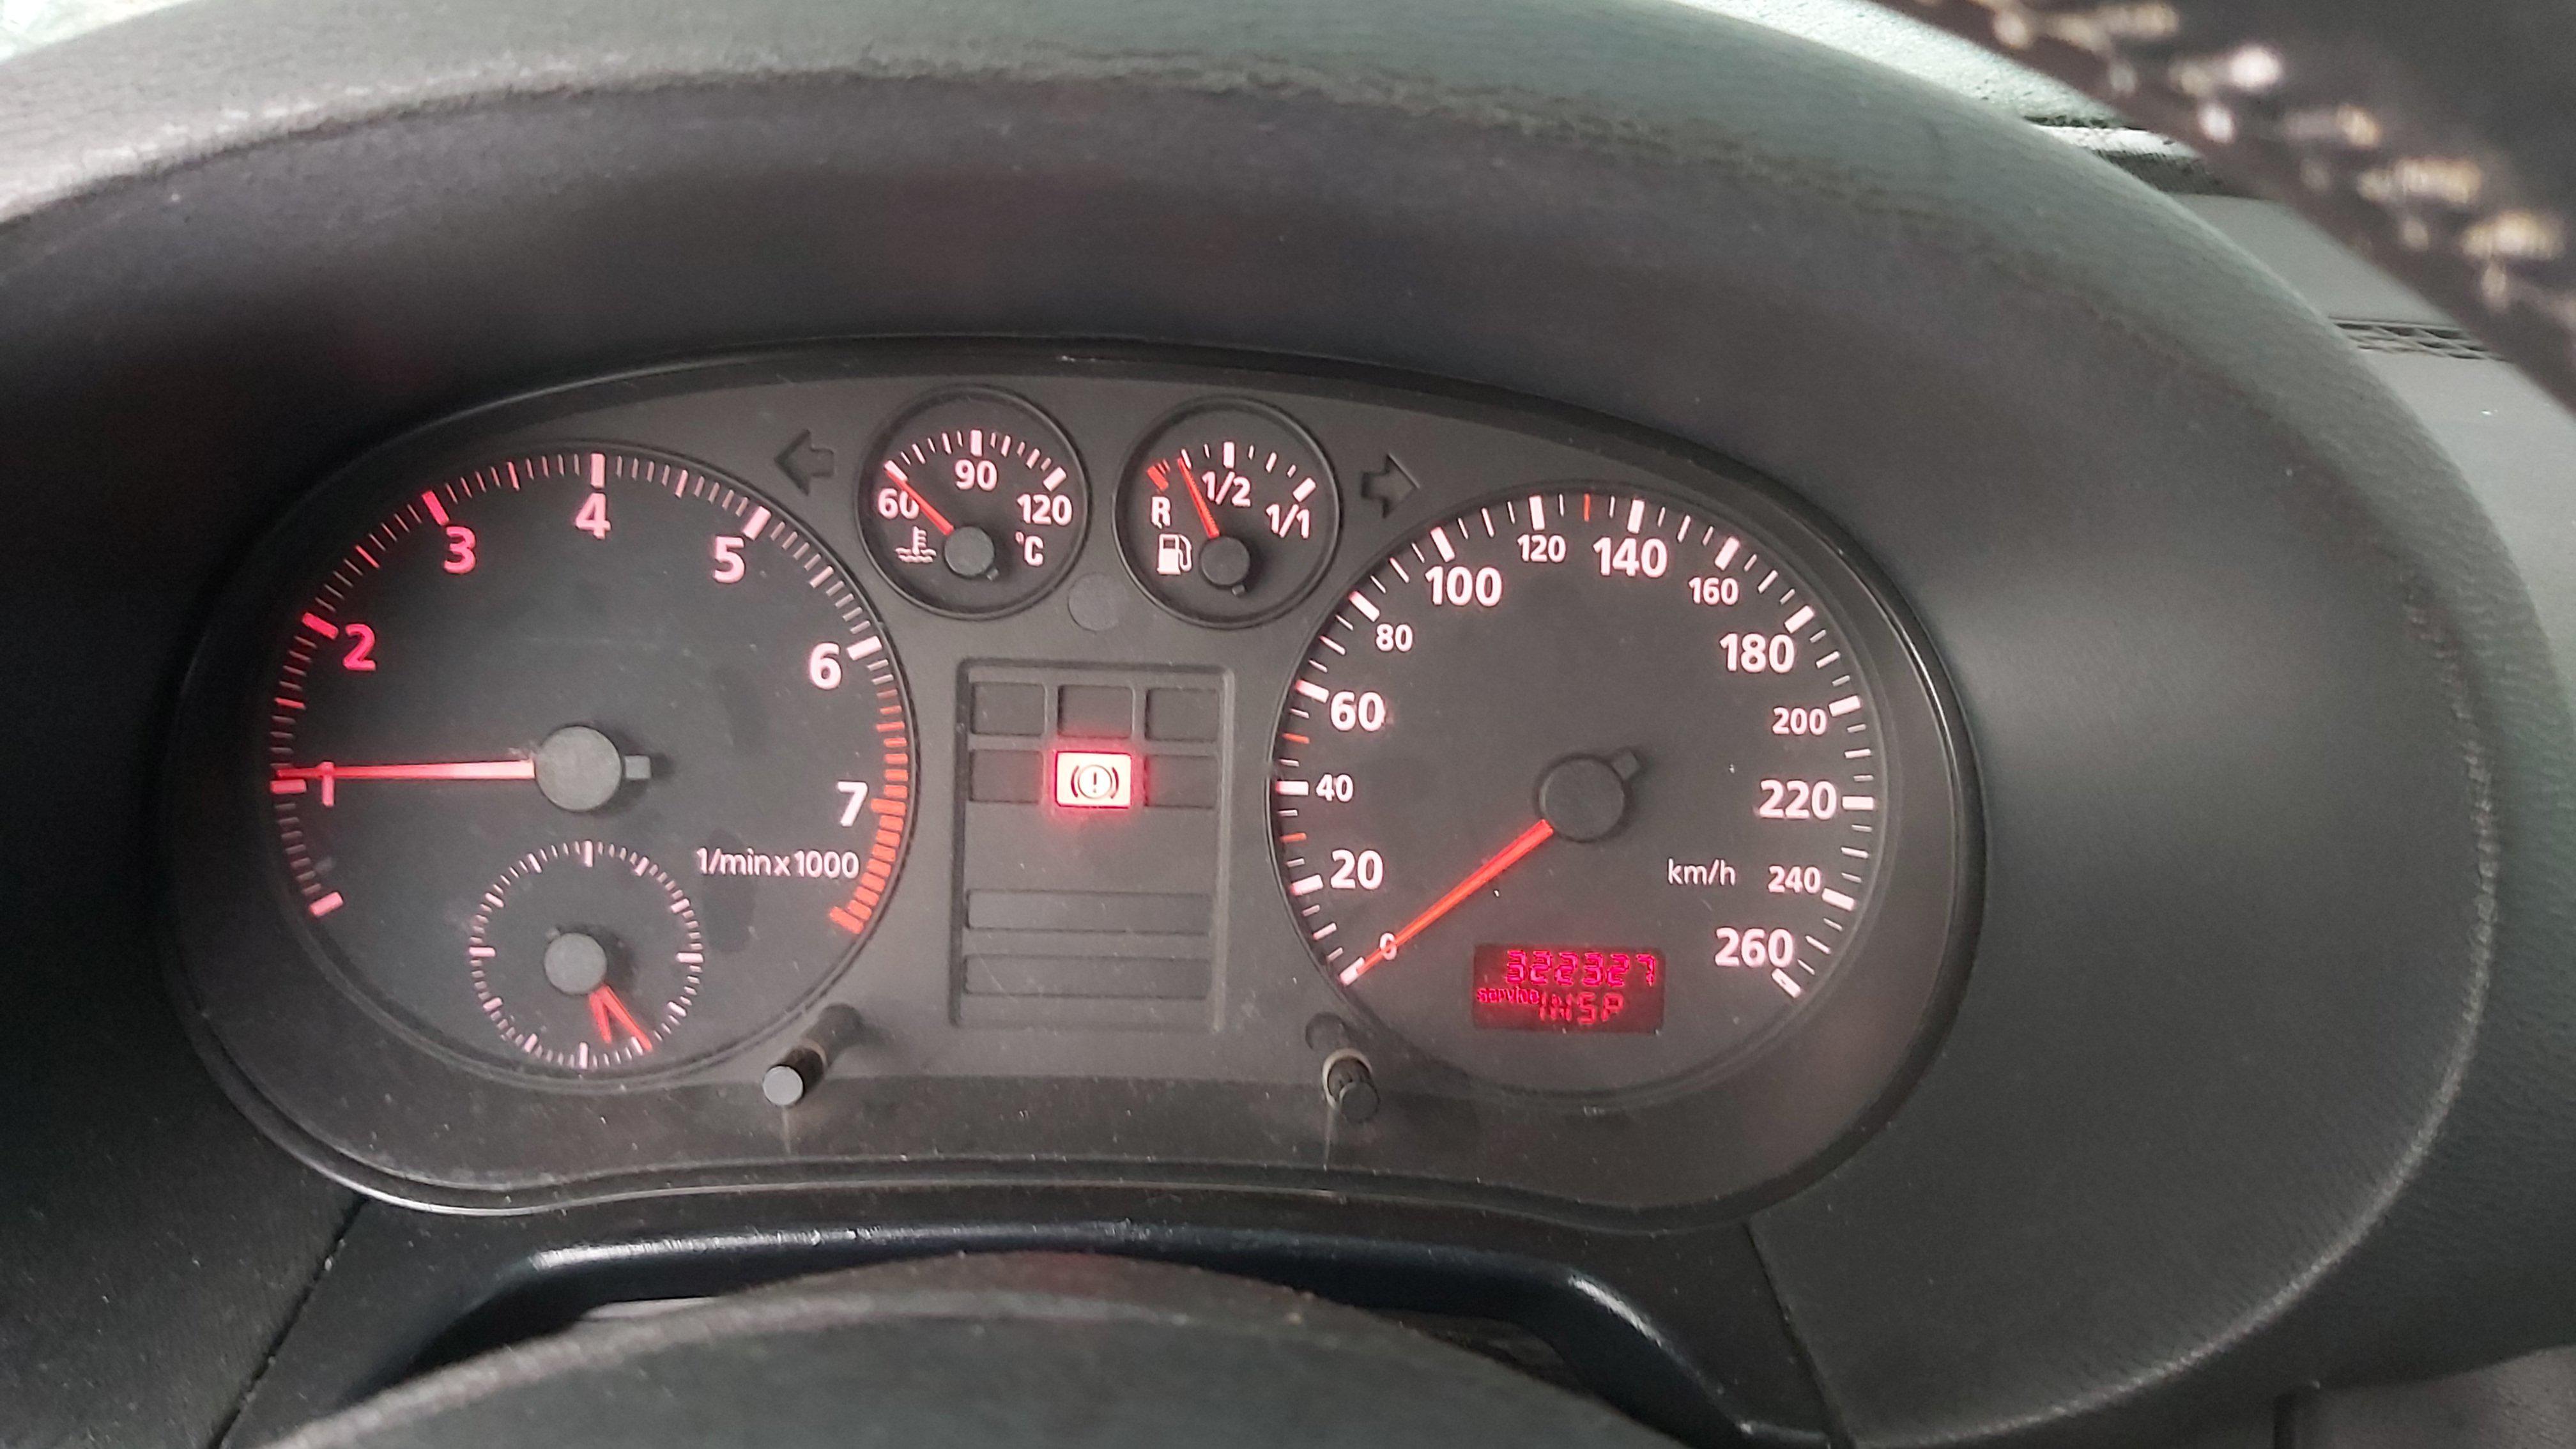 Подержанные Автозапчасти Audi A3 1999 1.8 машиностроение хэтчбэк 2/3 d. синий 2021-1-12